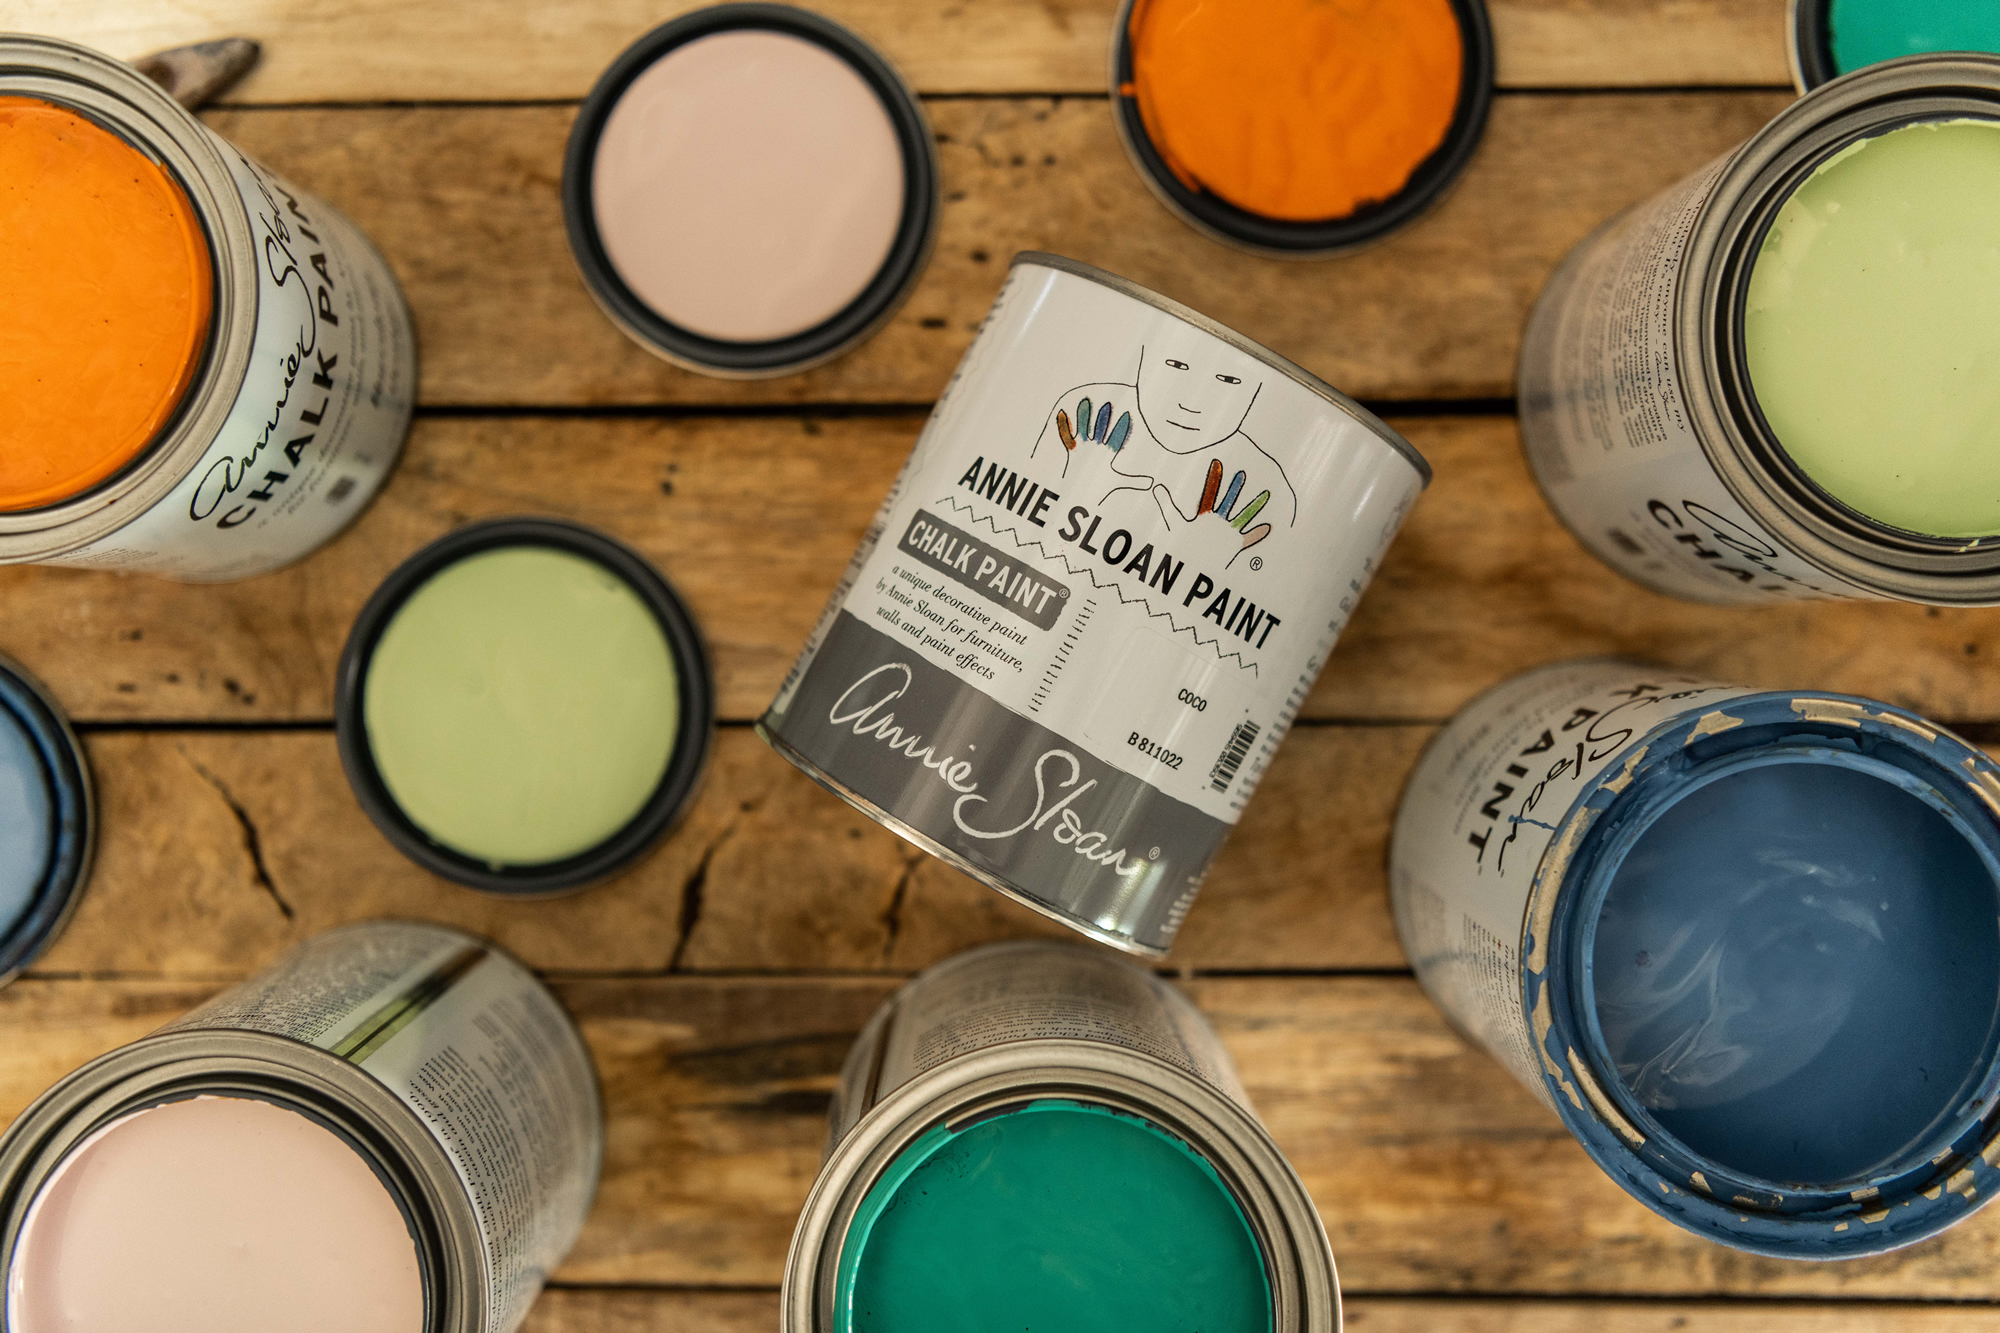 annie-sloan-chalk-paint-stockist.jpg